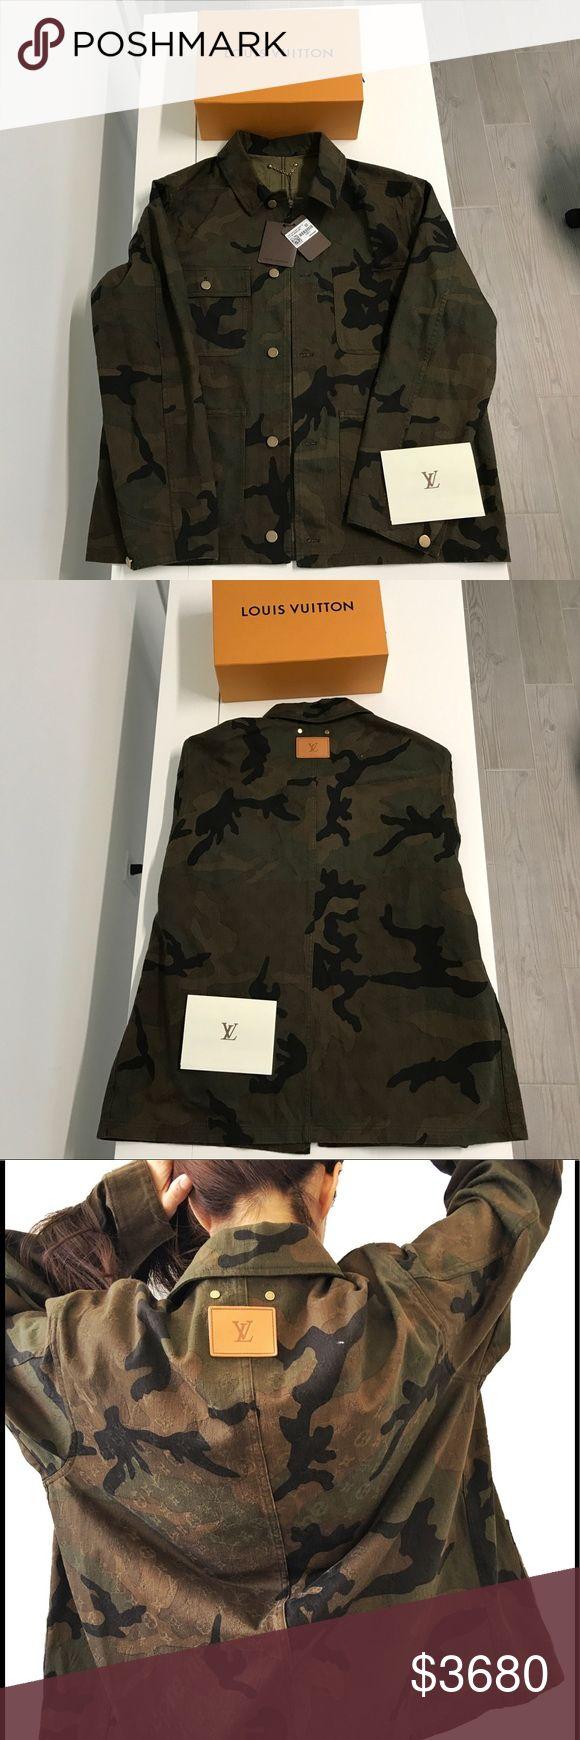 SUPREME LOUIS VUITTON CAMO DENIM JACKET SIZE 52 BRAND NEW WITH TAGS SUPREME LOUIS VUITTON LONG CAMO DENIM JACKET SIZE 52   100% AUTHENTIC   Size L   EXTREMELY RARE AND SOLD OUT Louis Vuitton Jackets & Coats